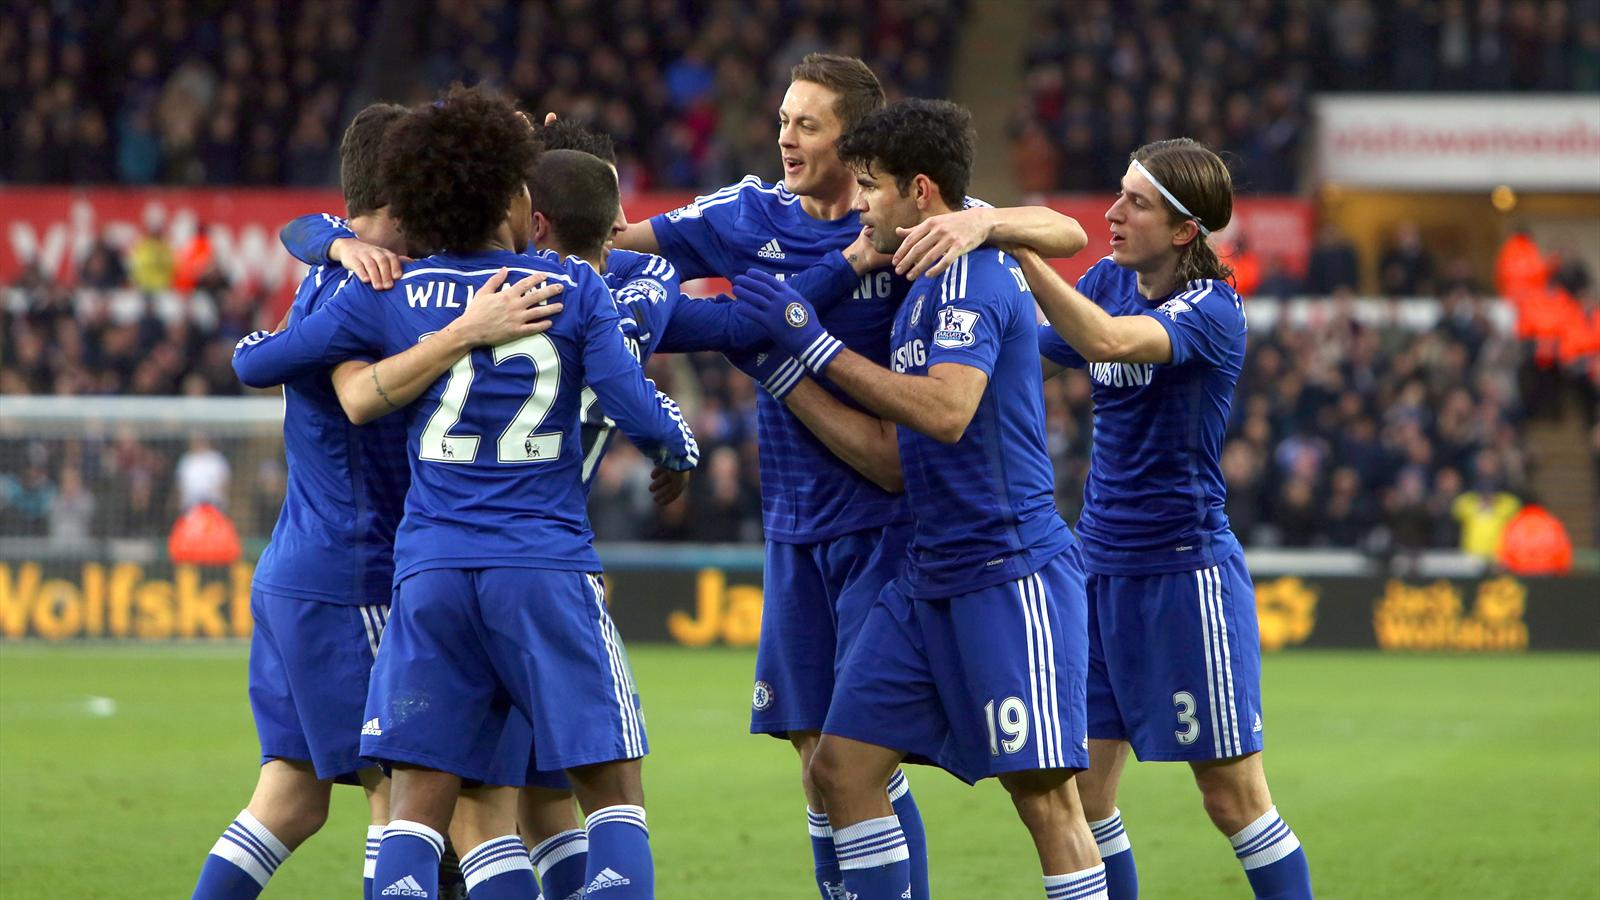 Chelsea détruit Swansea 0-5, Manchester United bat QPR 0-2